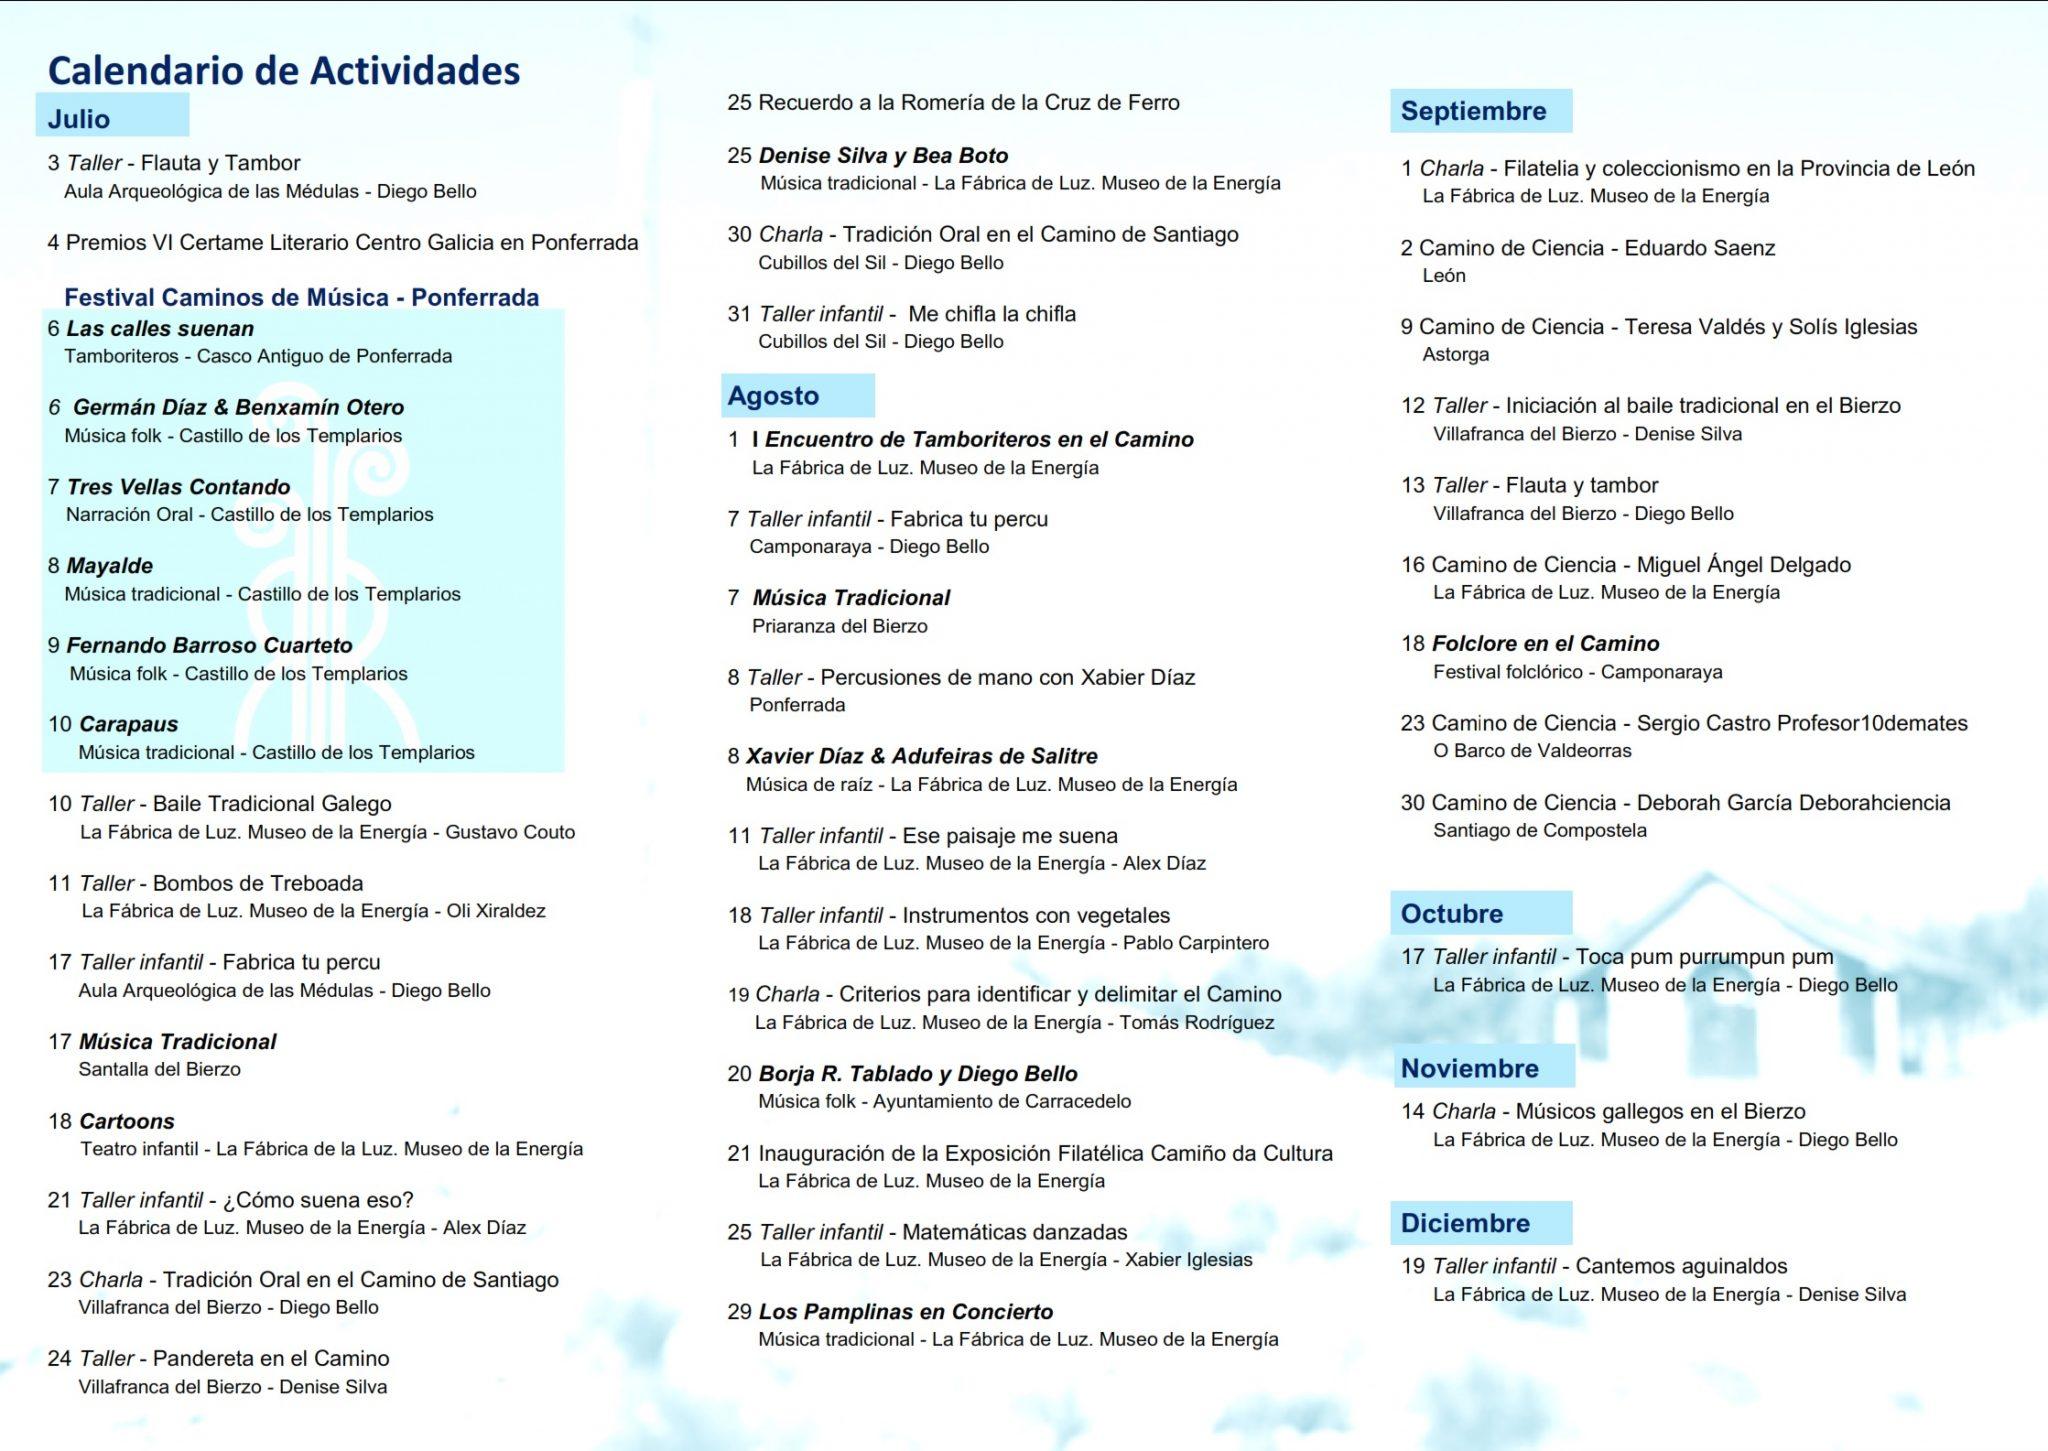 Cubillos del Sil celebra San Cristobal 2021 con actividades para todos del 9 al 12 de julio 4